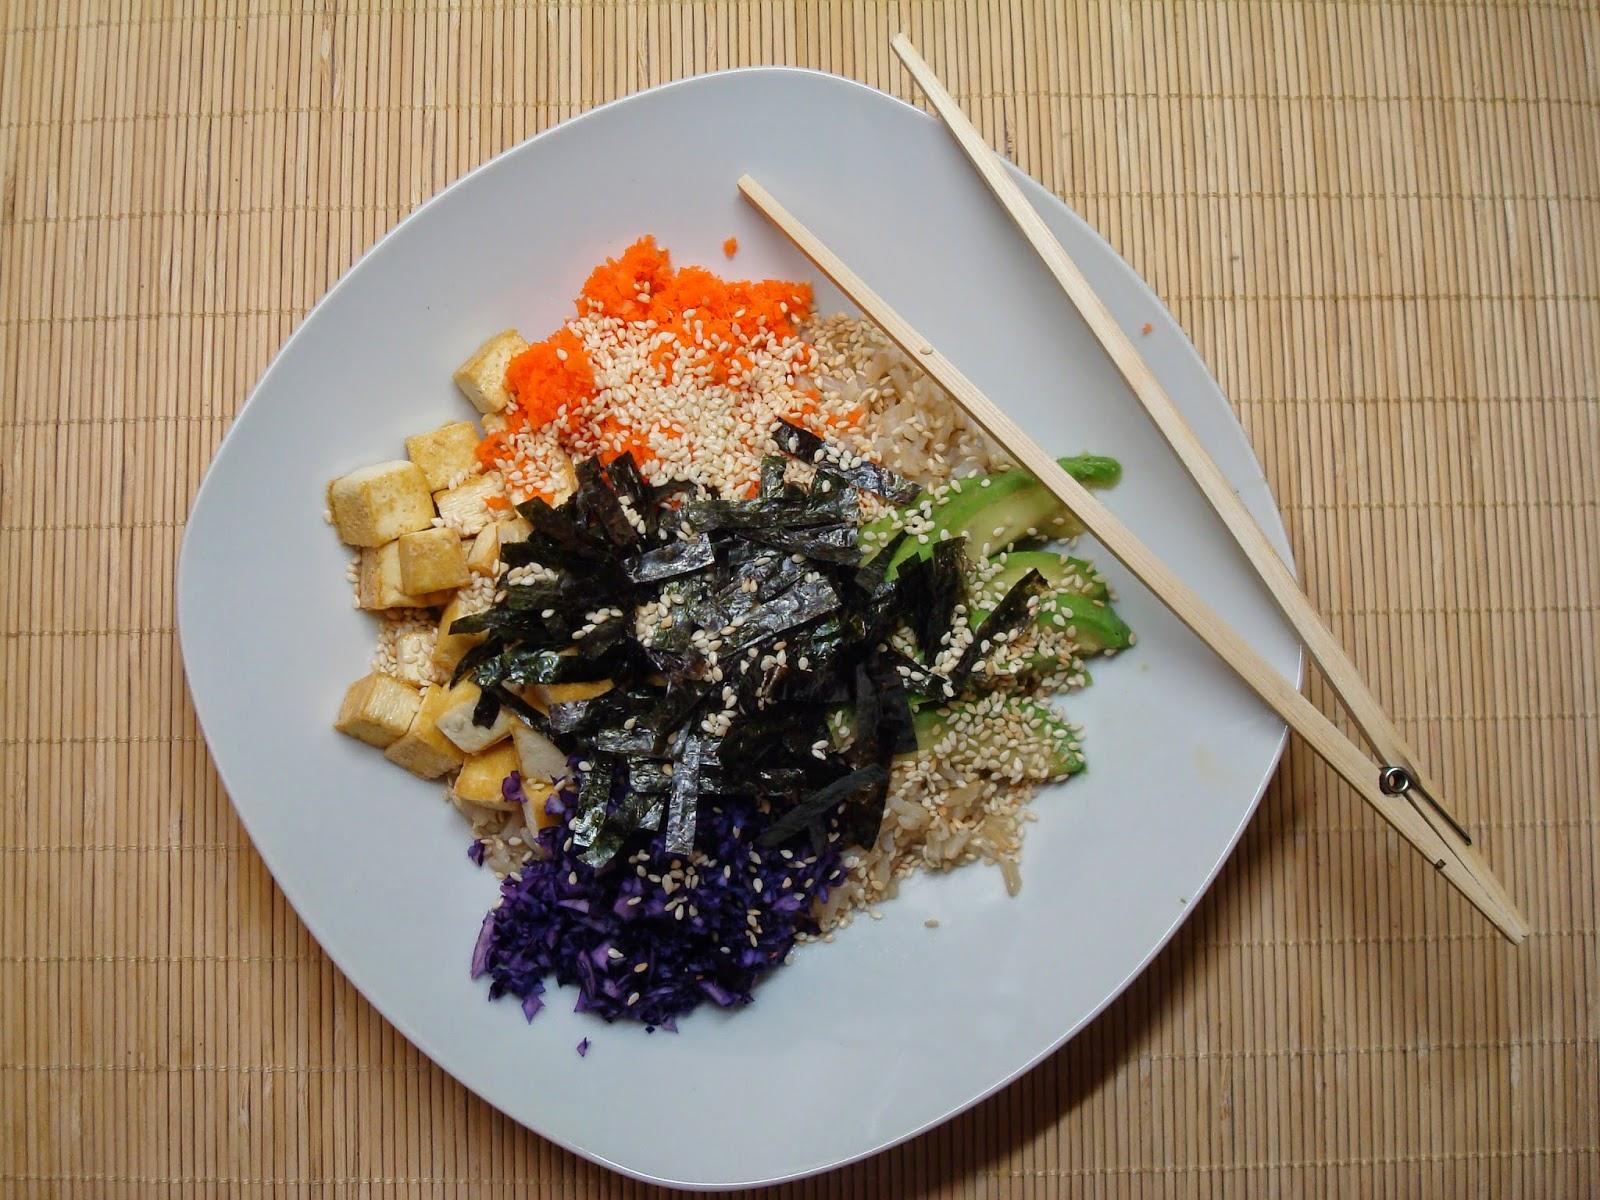 http://miejscyroslinozercy.blogspot.com/2014/04/poisson-davril-czyli-sushi-micha.html